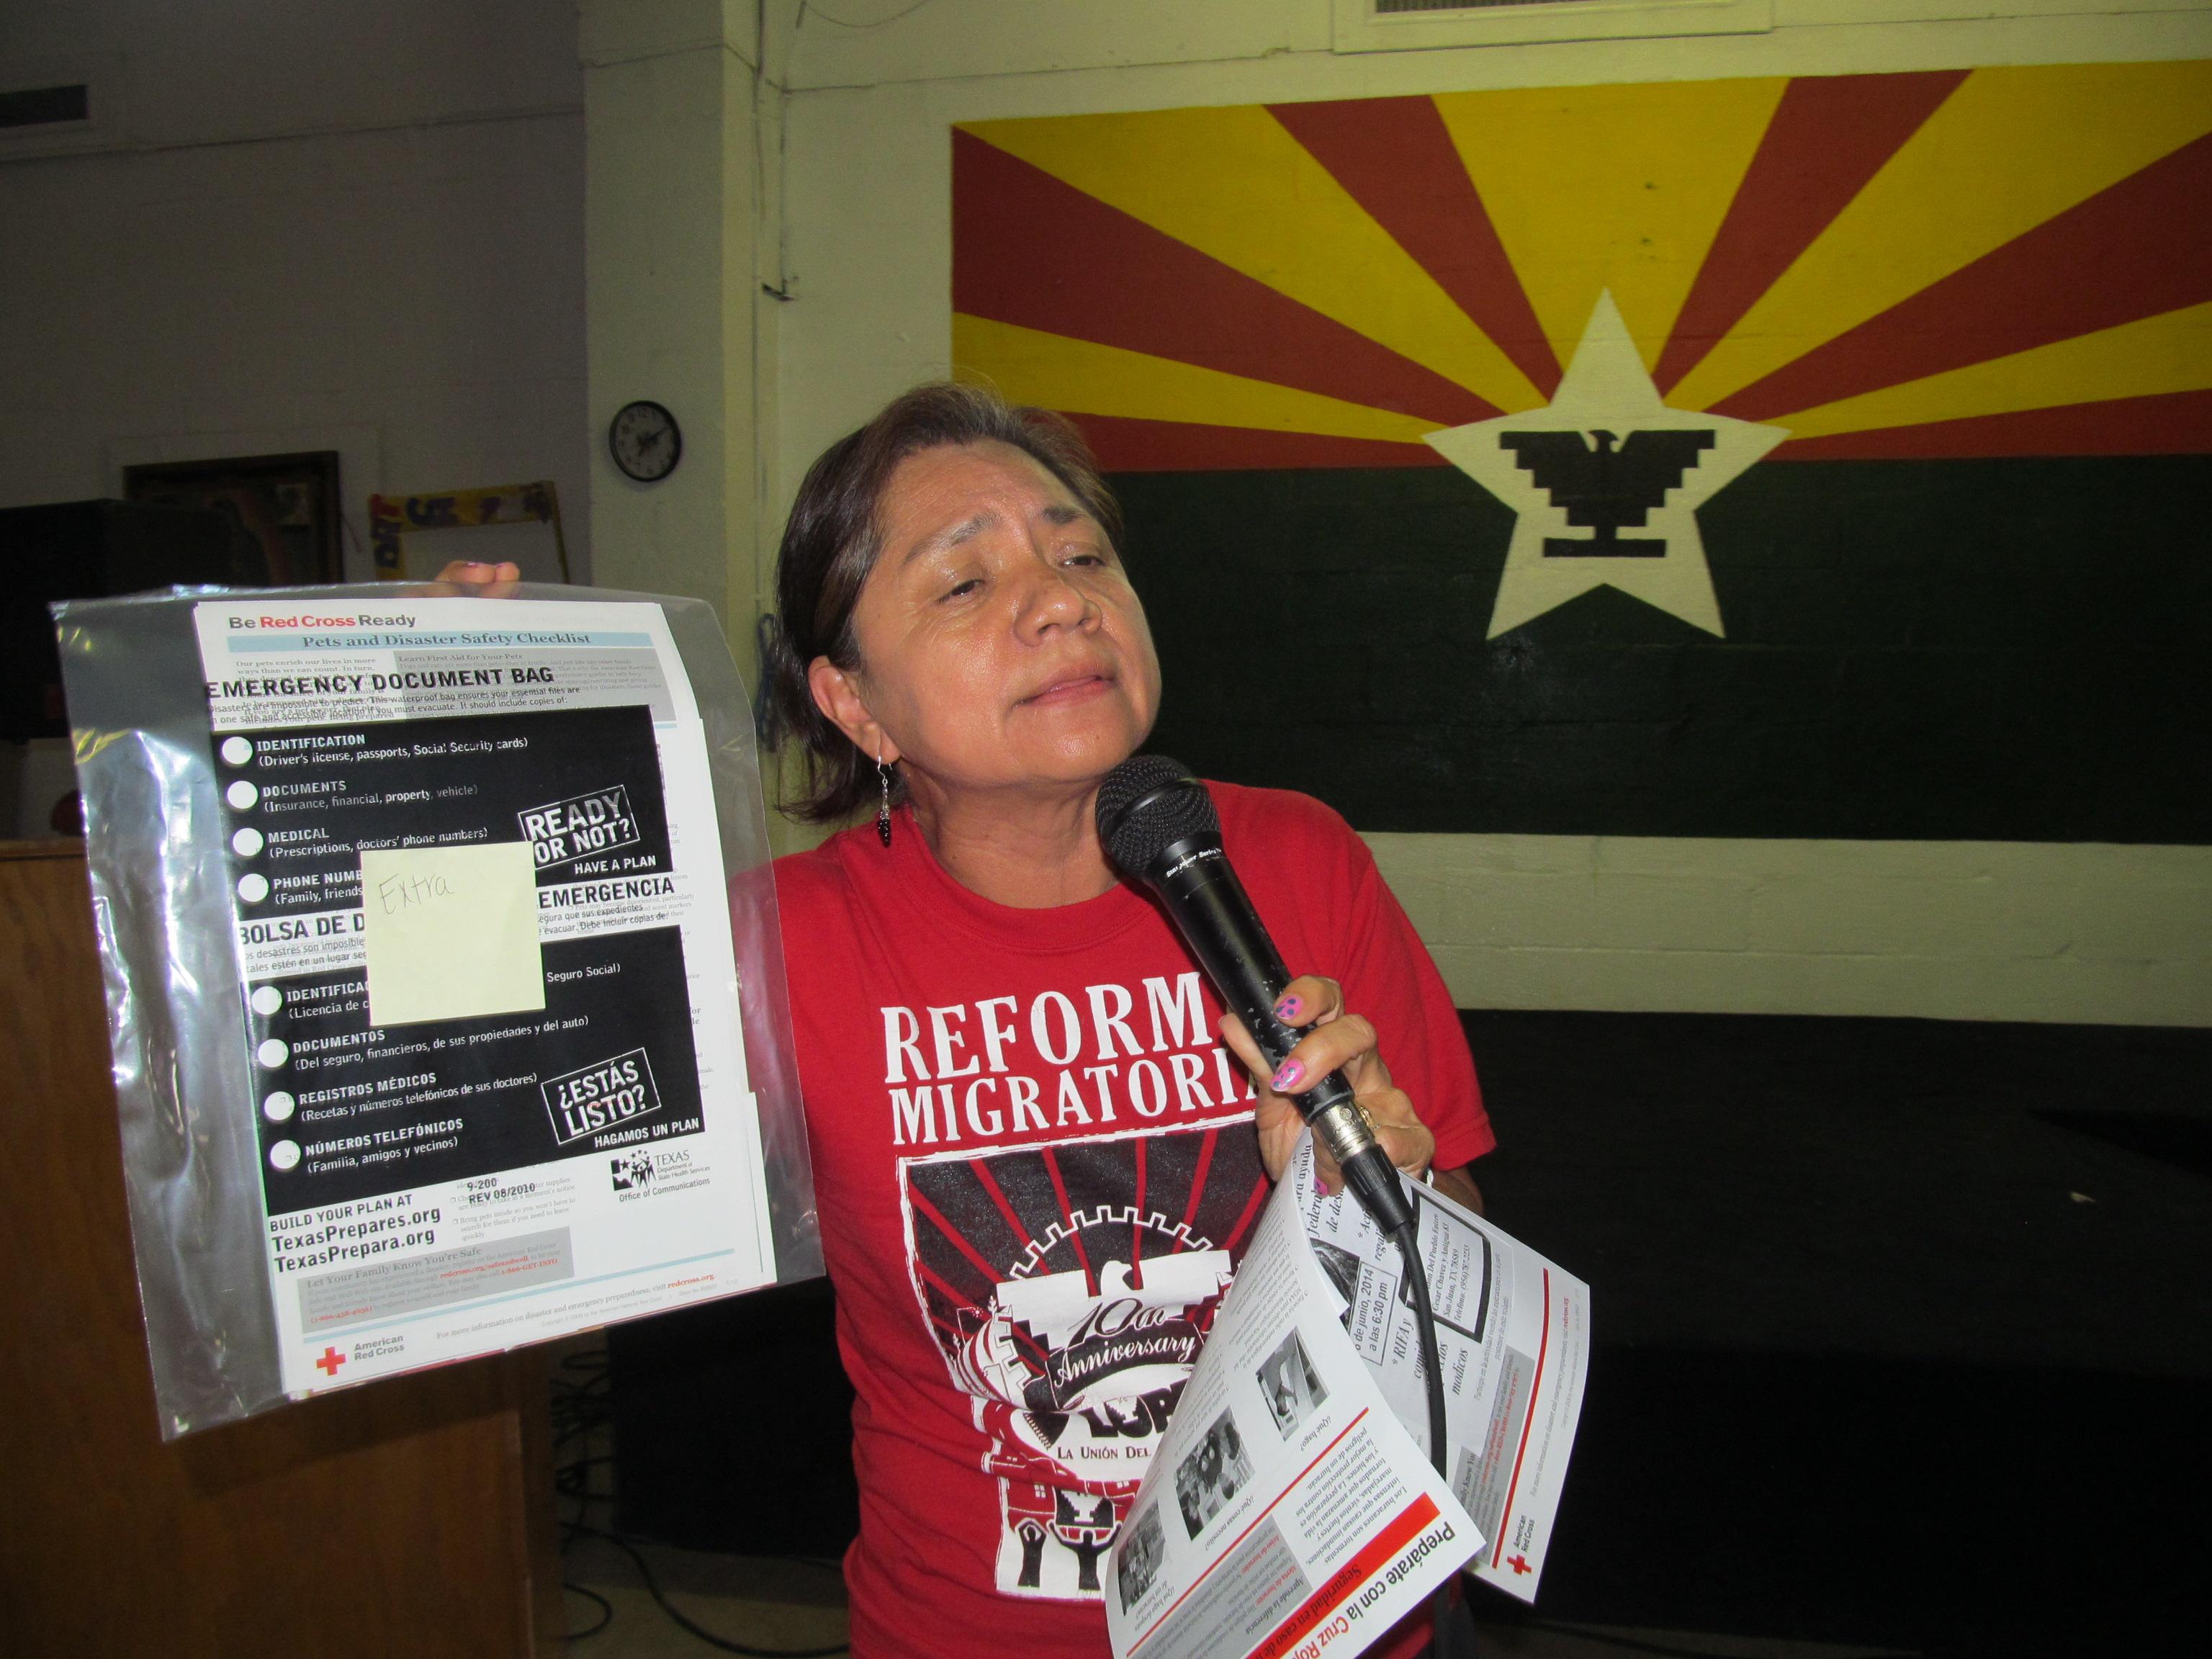 Martha Sanchez explicando la importancia de guardar los documentos importantes en un lugar seguro.